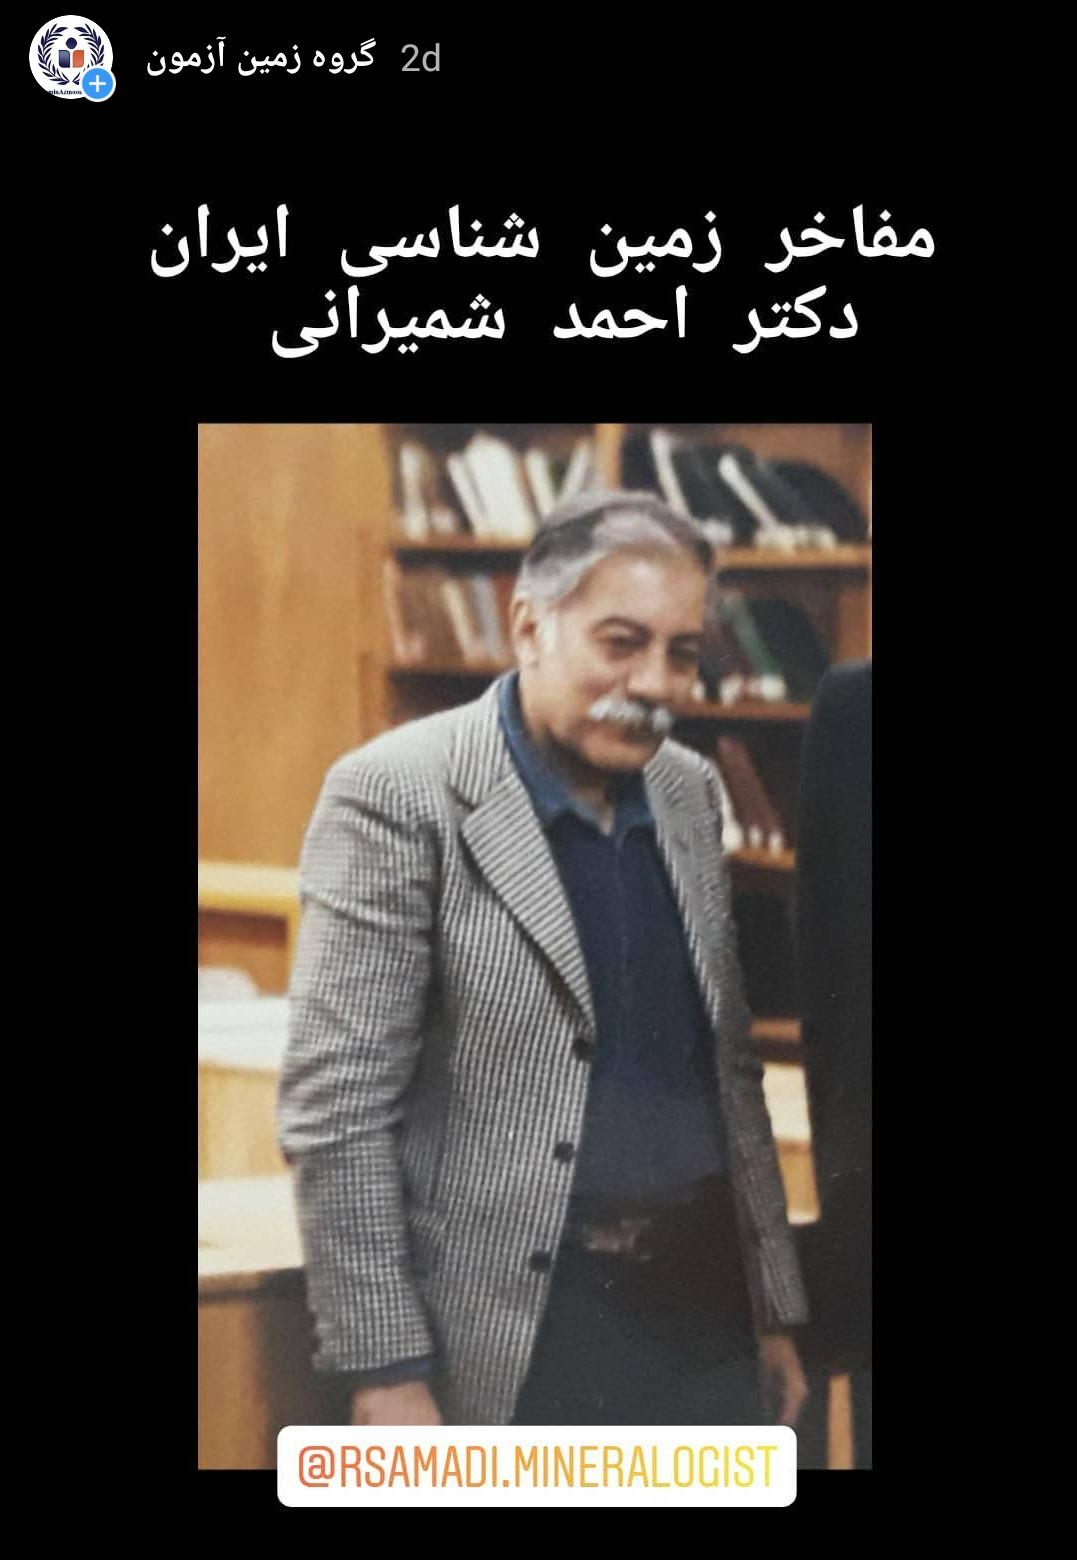 دکتر احمد شمیرانی